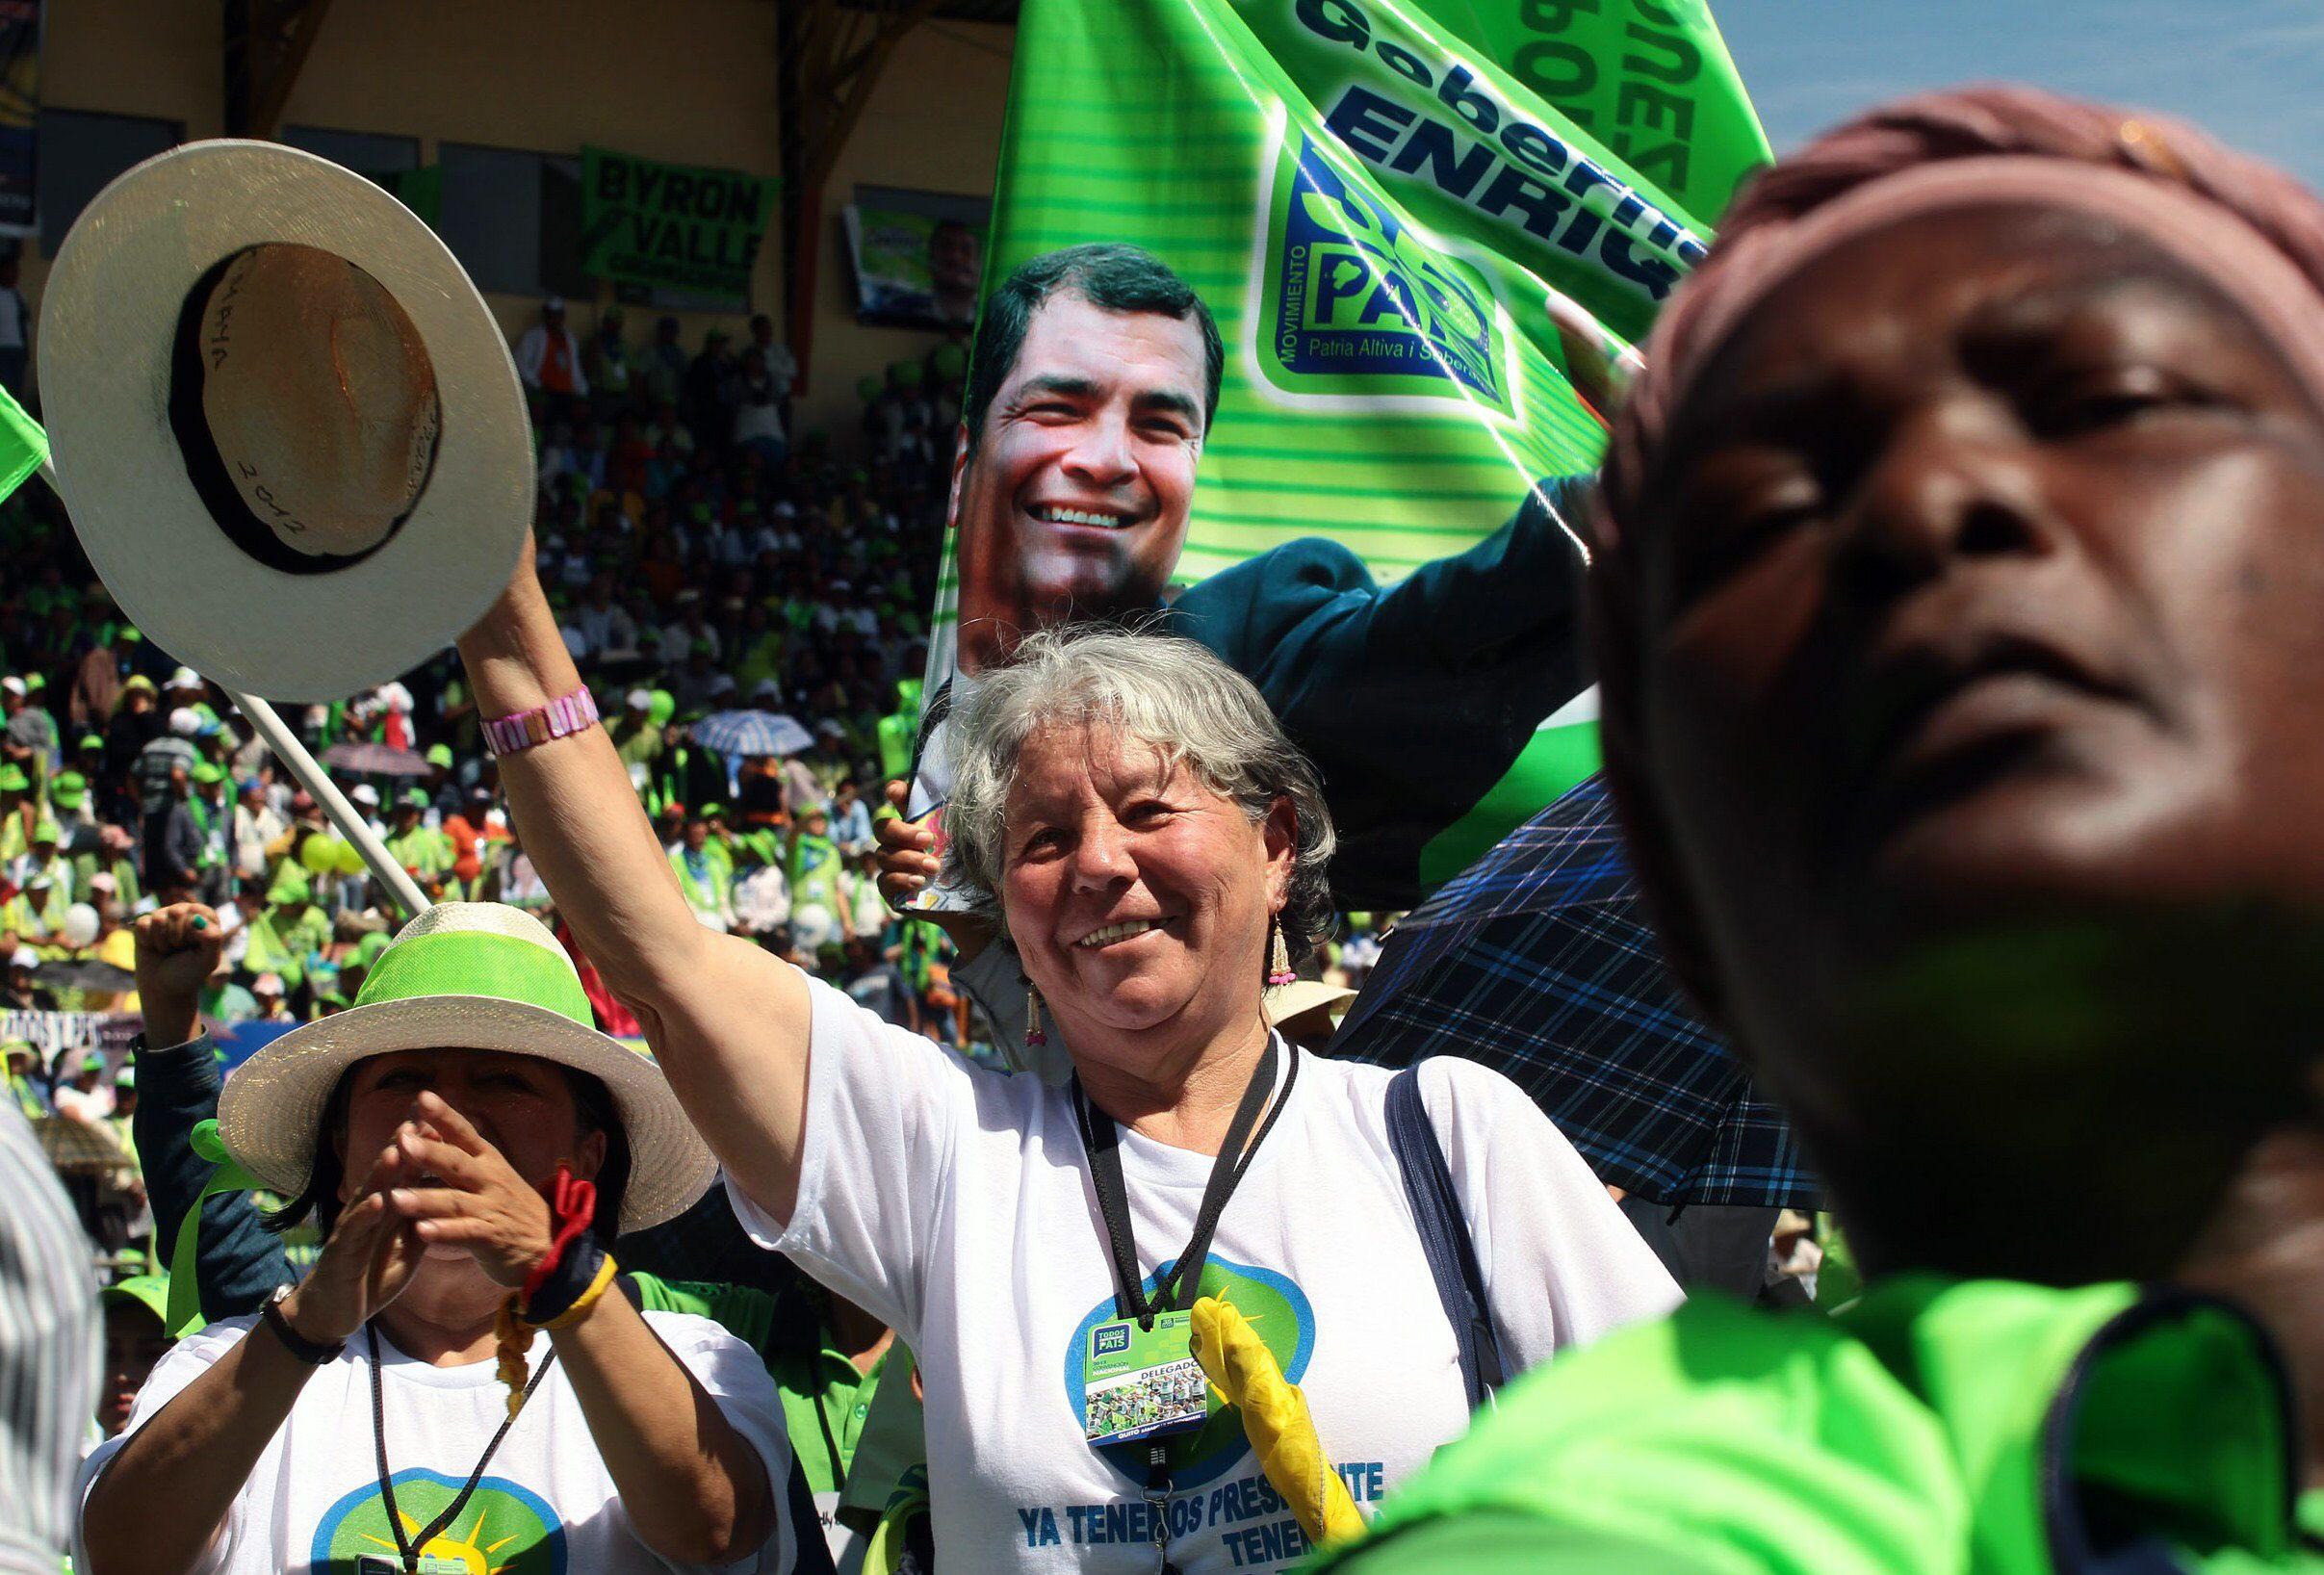 Realiza Convención Nacional grupo de gobierno en Ecuador Alianza PAIS (+Fotos)